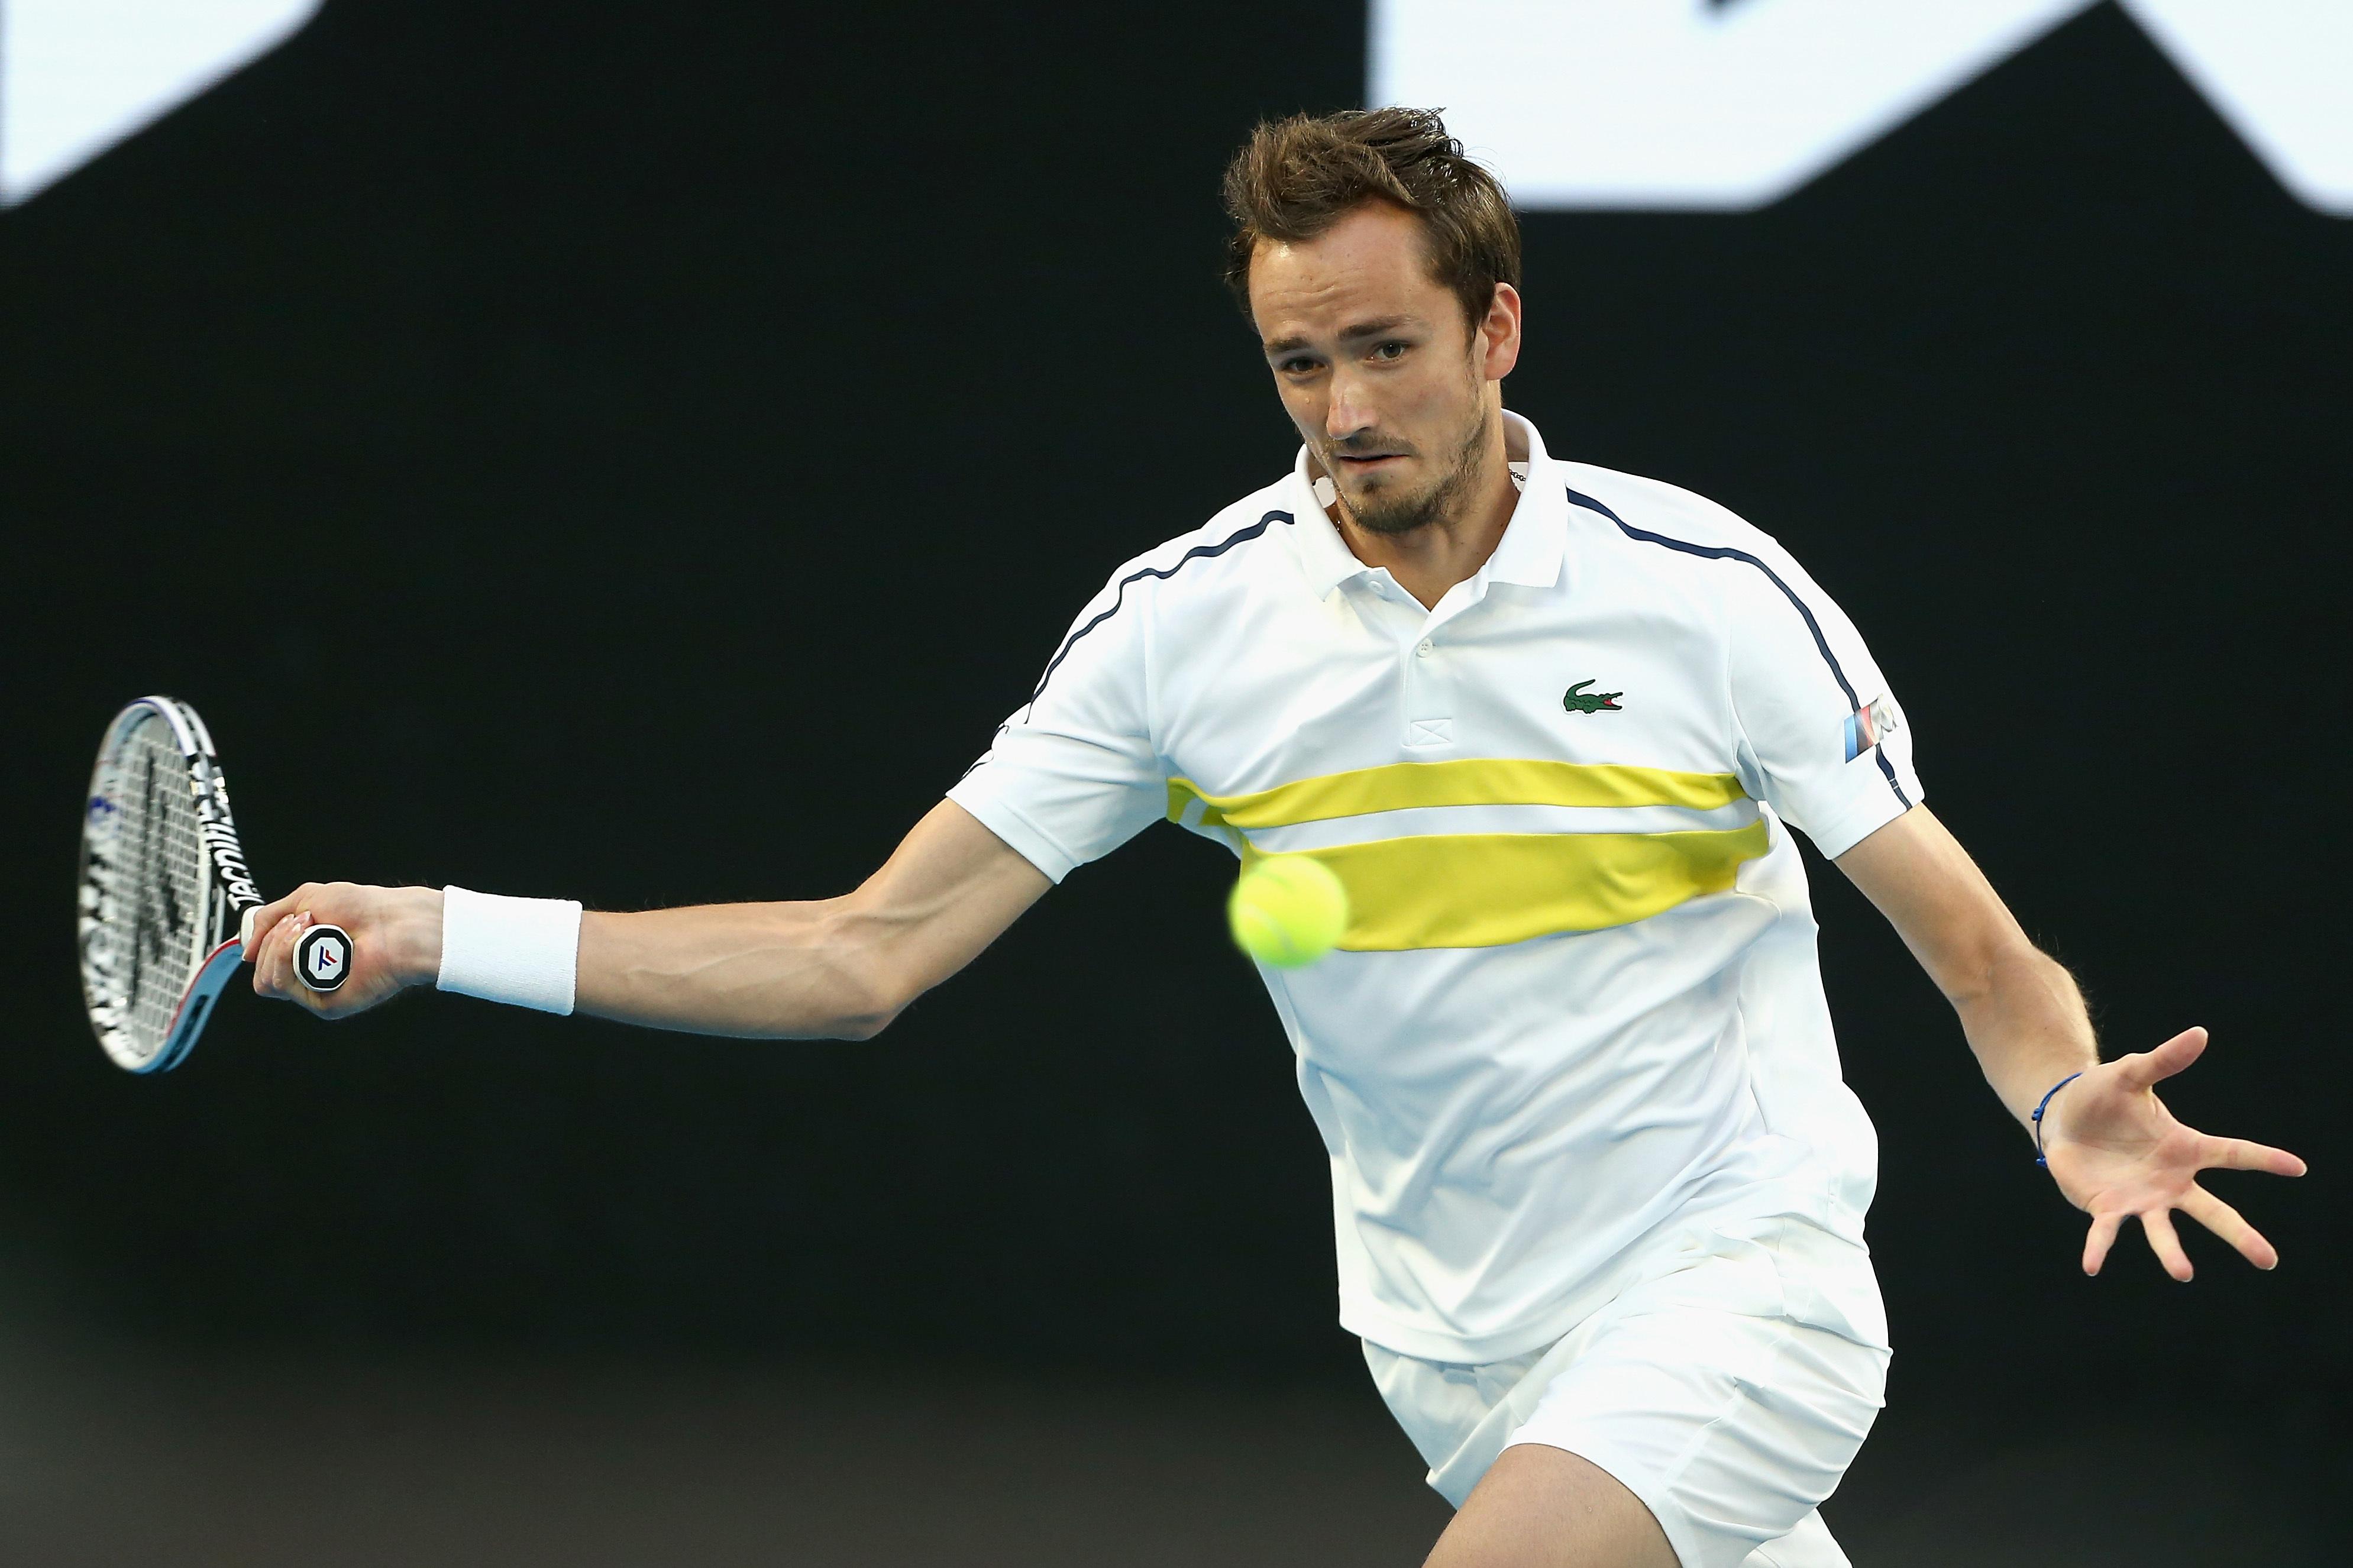 Теннисист Медведев проиграл Джоковичу в финале Australian Open